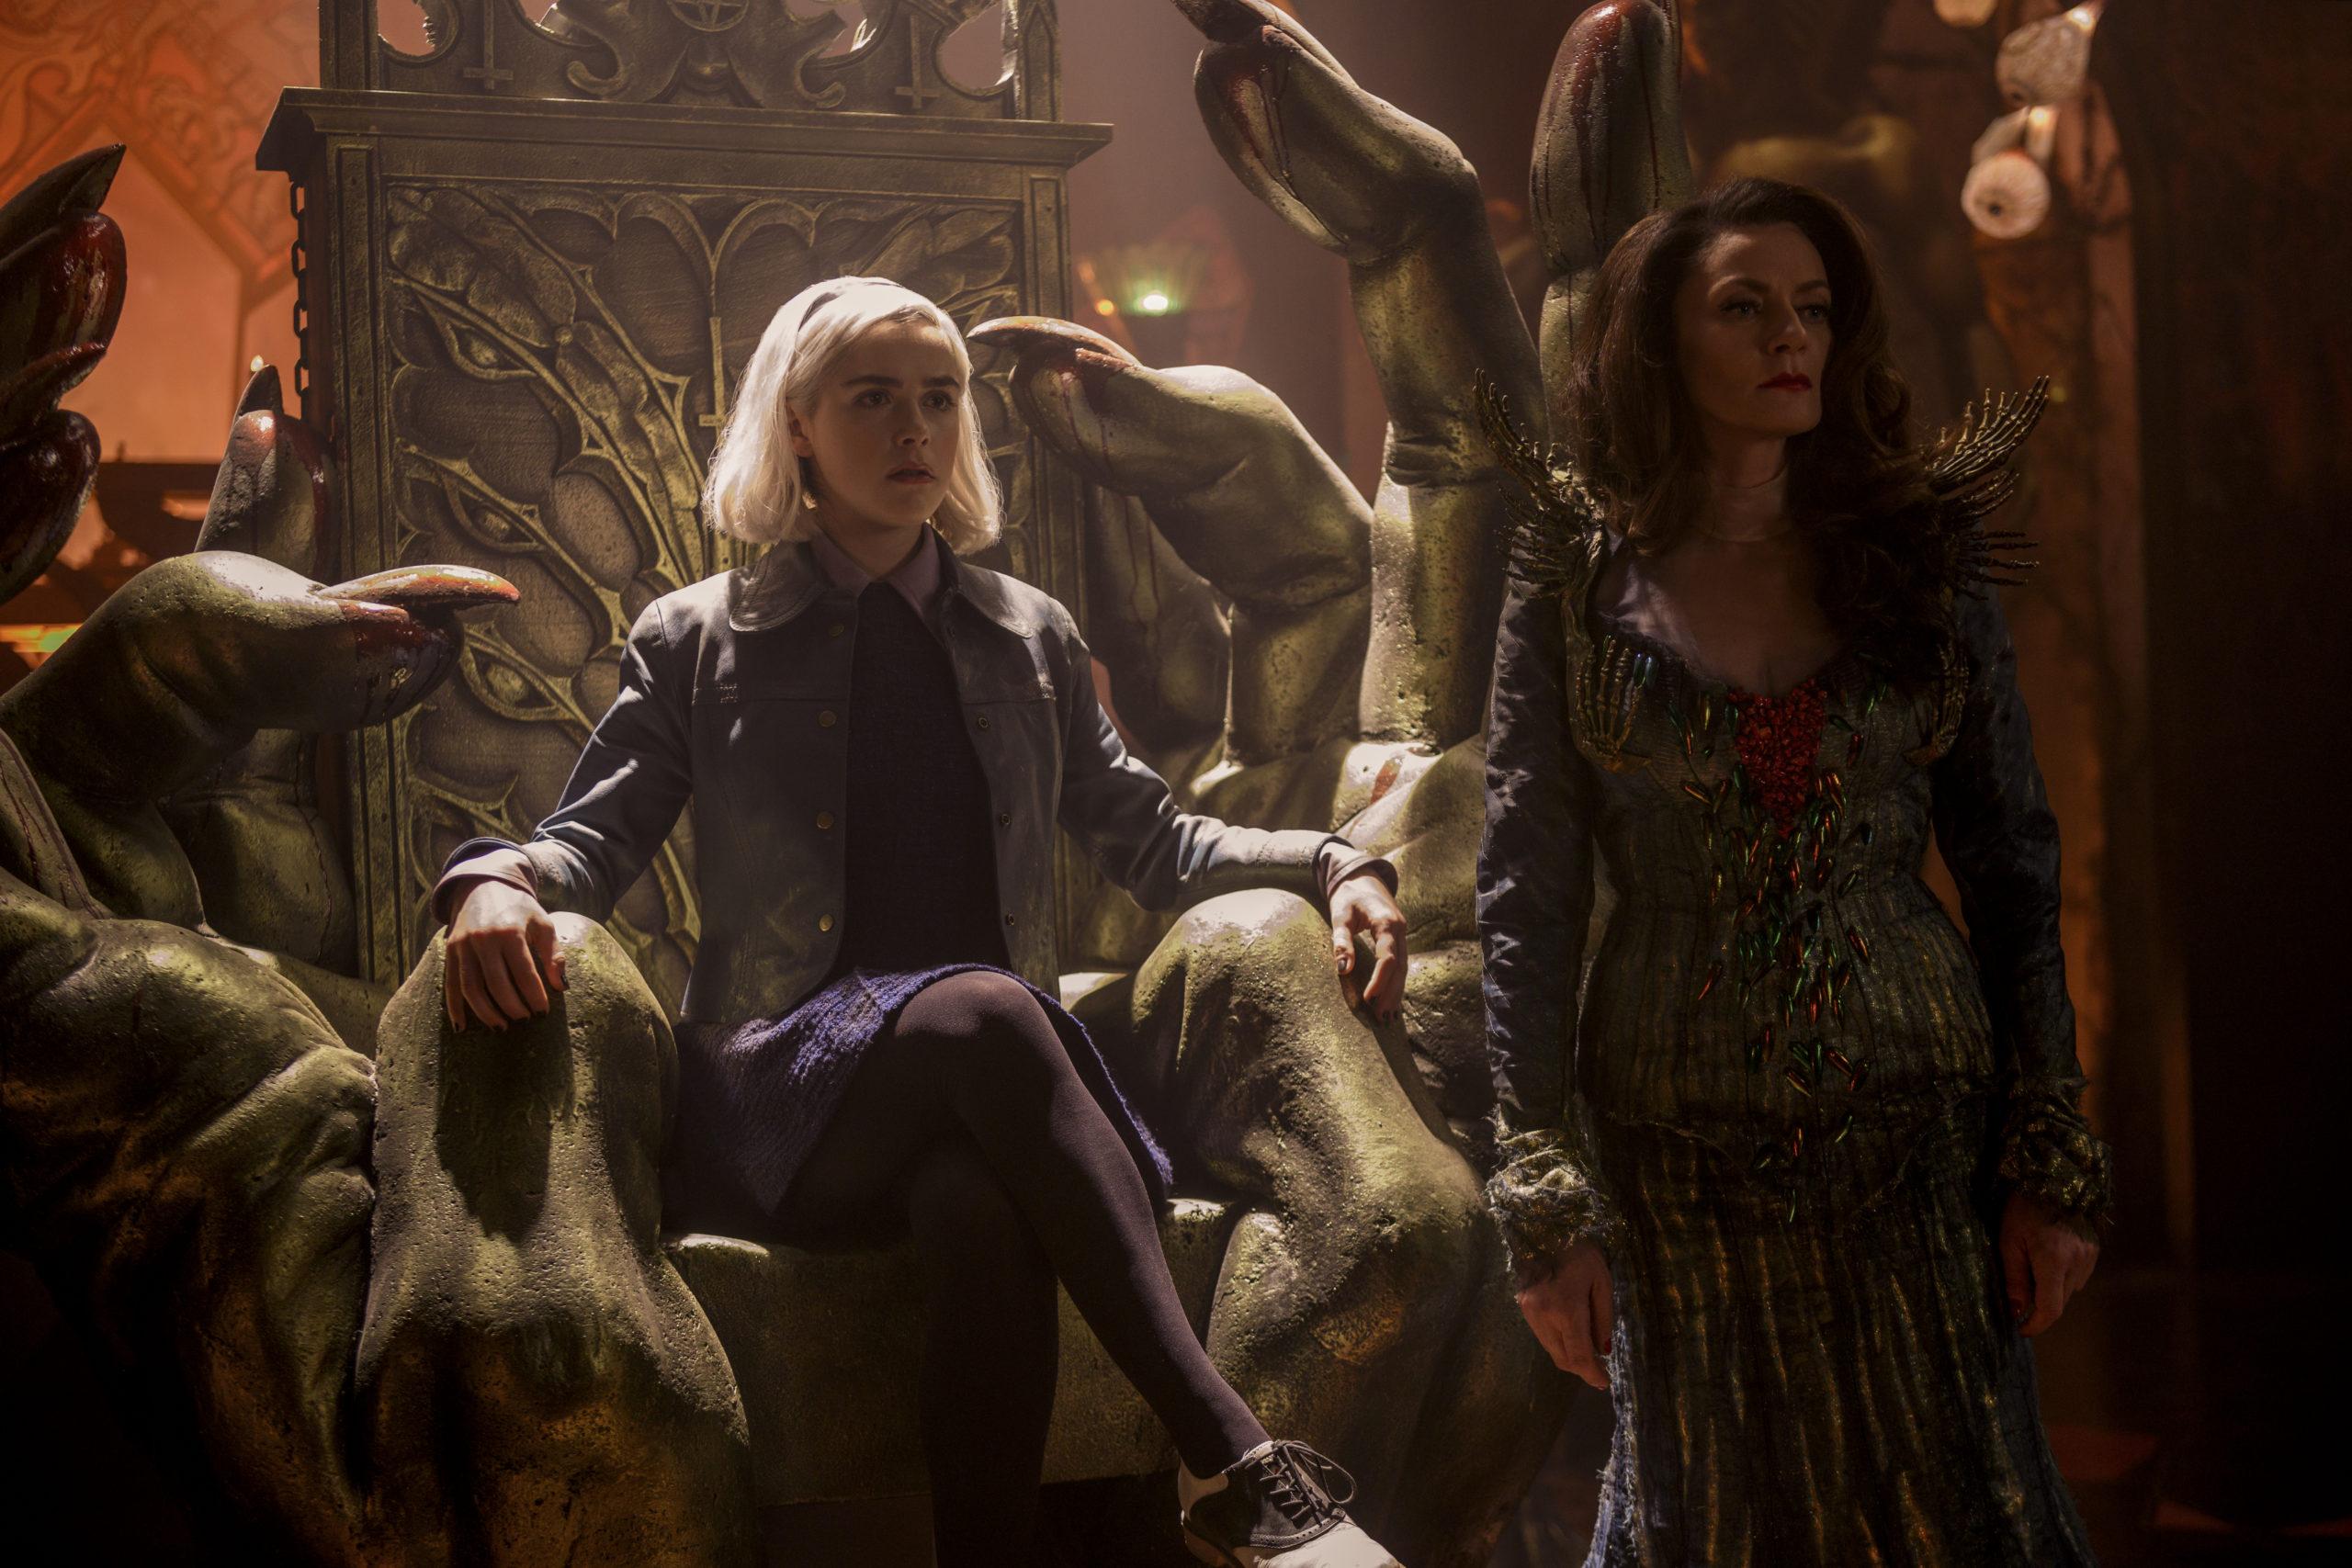 A imagem é de uma das cenas de O Mundo Sombrio de Sabrina. Nela, vemos a personagem Sabrina sentada em um trono, ao lado de Lilith, que está em pé. Sabrina é uma jovem branca, de cabelos loiros curtos, ela veste uma blusa preta com uma jaqueta jeans, uma saia roxa, meia-calça preta e tênis. Lilith é uma mulher branca, de cabelos castanhos escuros longos, ela veste um vestido de manga comprida. As duas personagens estão no que seria considerado o Inferno da série.